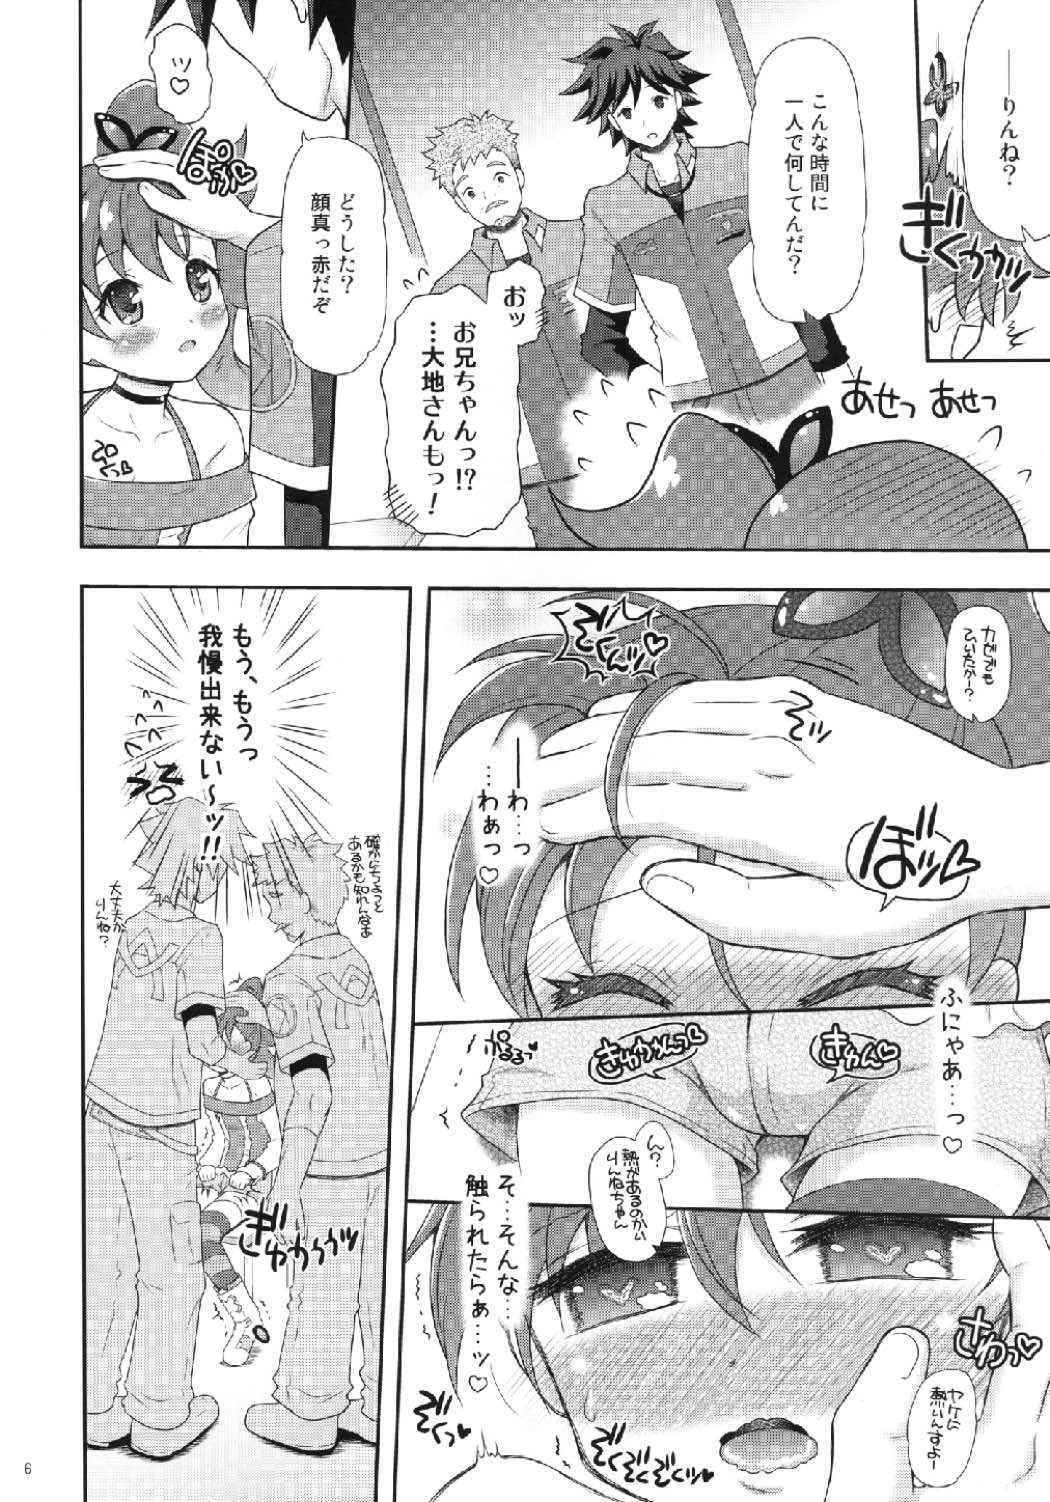 (SHT2013 Haru) [Yudenakya Nama-Beer (Uzura no Tamago)] Onii-chans to Aisare Rinne-chan (Chousoku Henkei Gyrozetter) 5